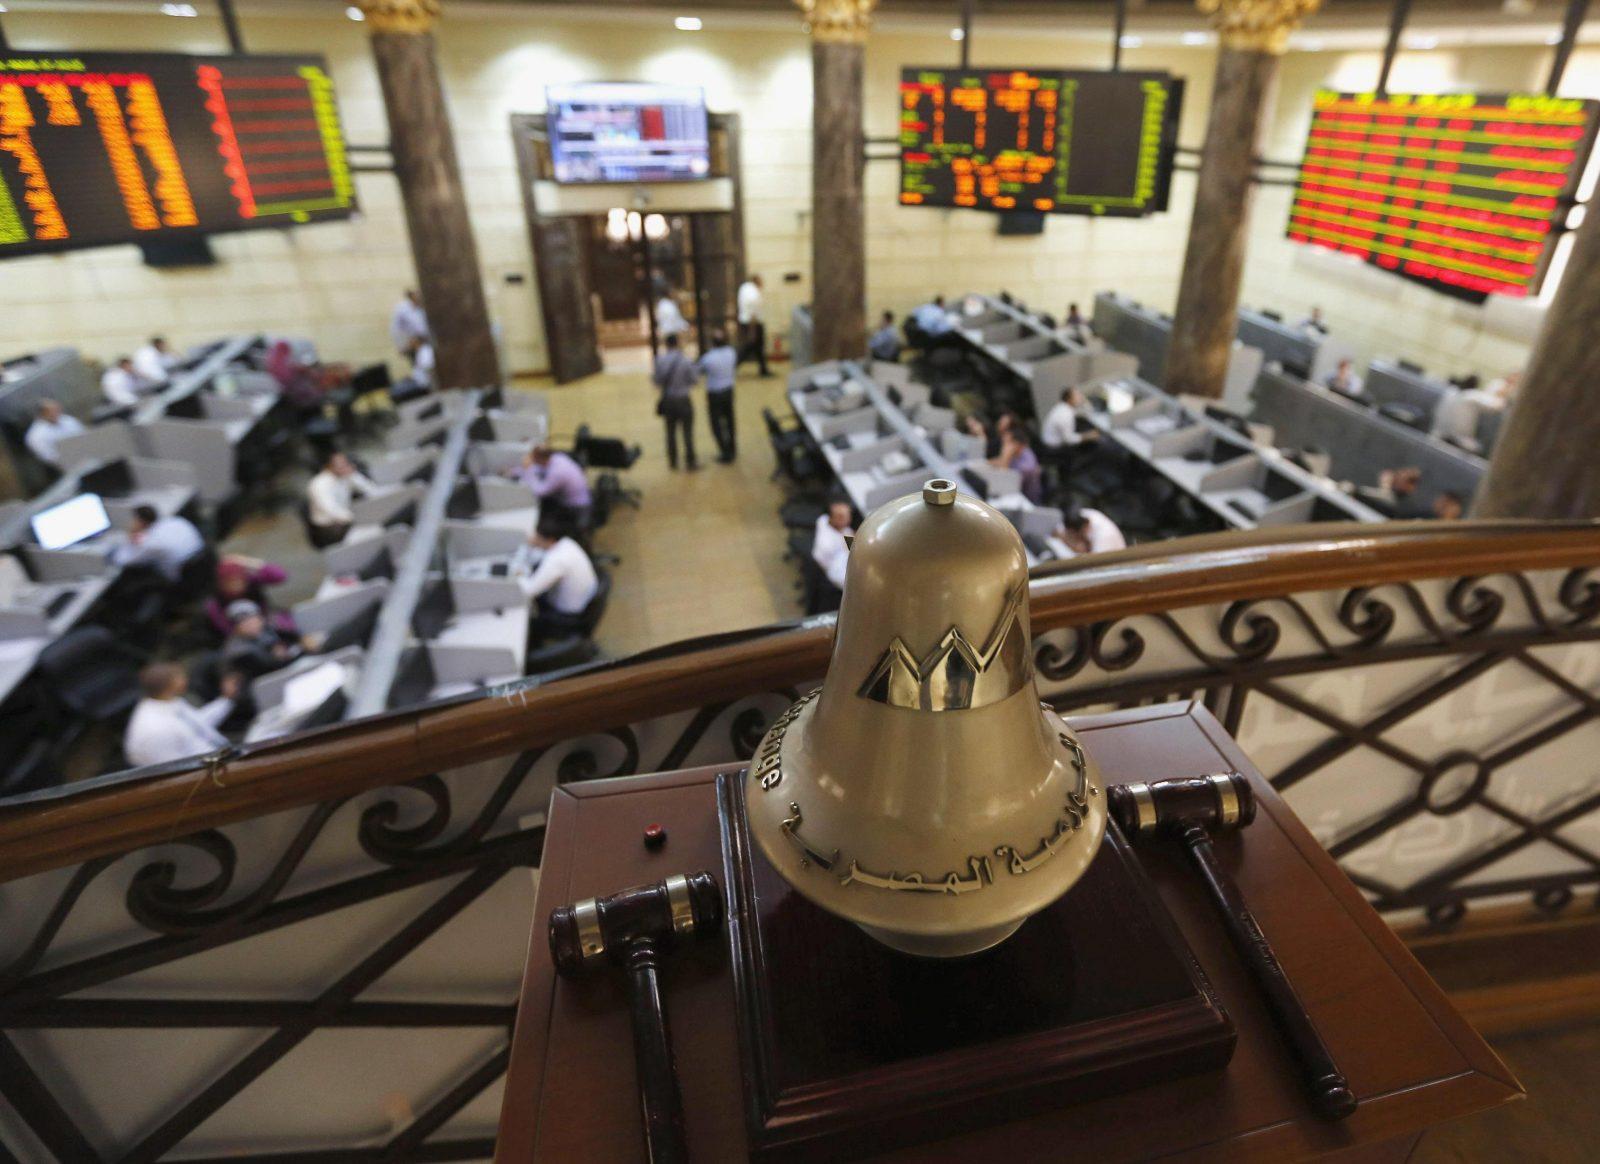 البورصة توقف 50 سهماً عن التداول بسبب الصعود القوي - جريدة المال